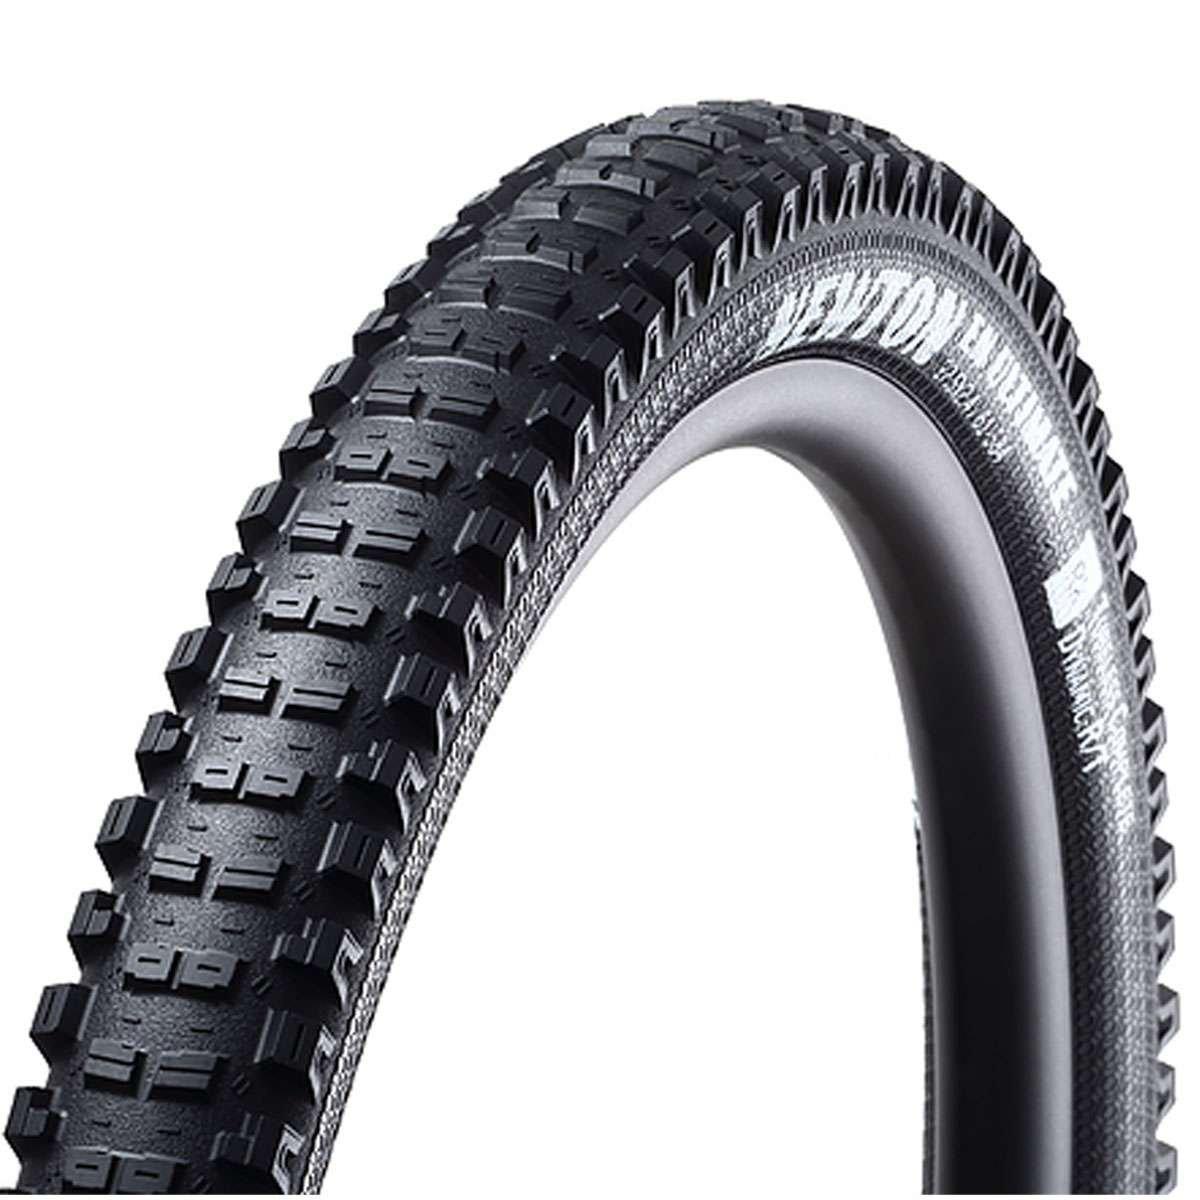 グッドイヤーニュートンSt自転車タイヤ – 27.5 '、2.40、折りたたみ、Tubeless Ready – Gr。002.61.584.v005.r   B07FQZ5H5X